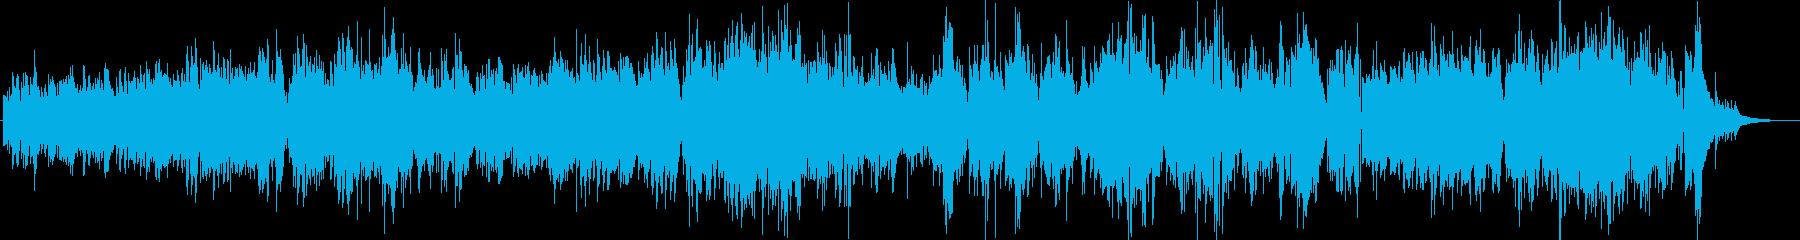 モダン 交響曲 室内楽 カントリー...の再生済みの波形